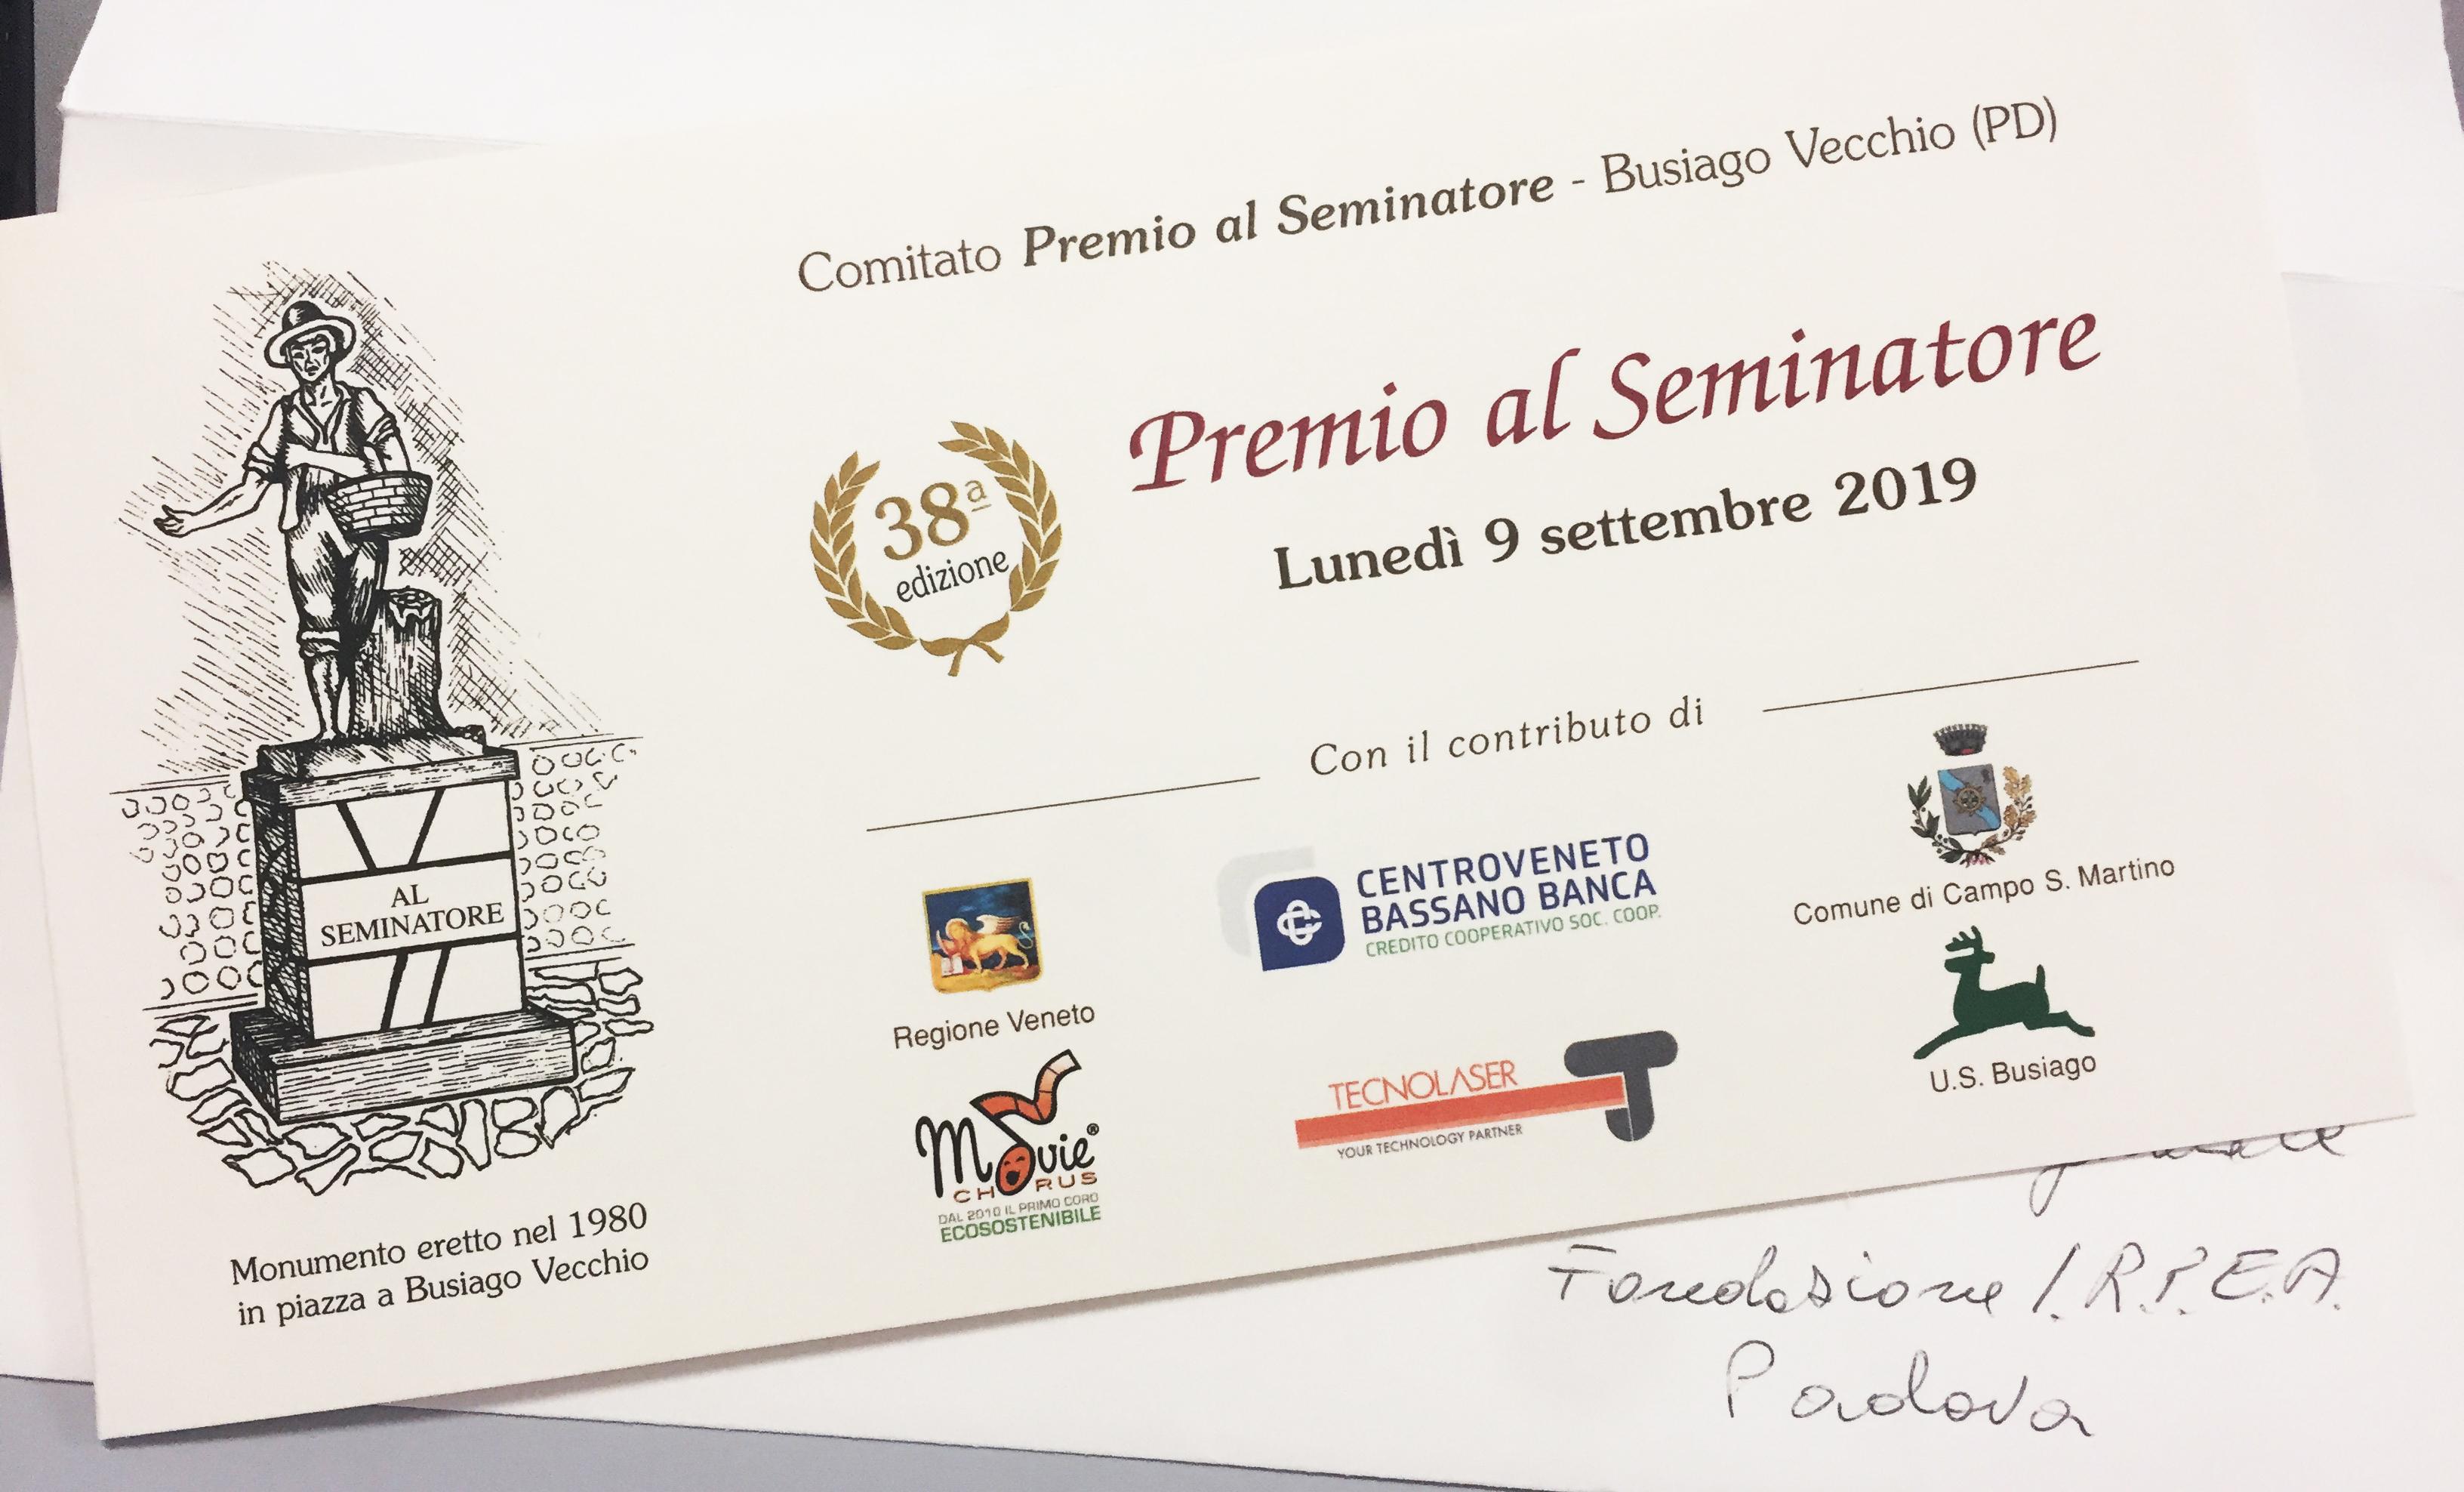 Invito a IRPEA per Premio al Seminatore 2019